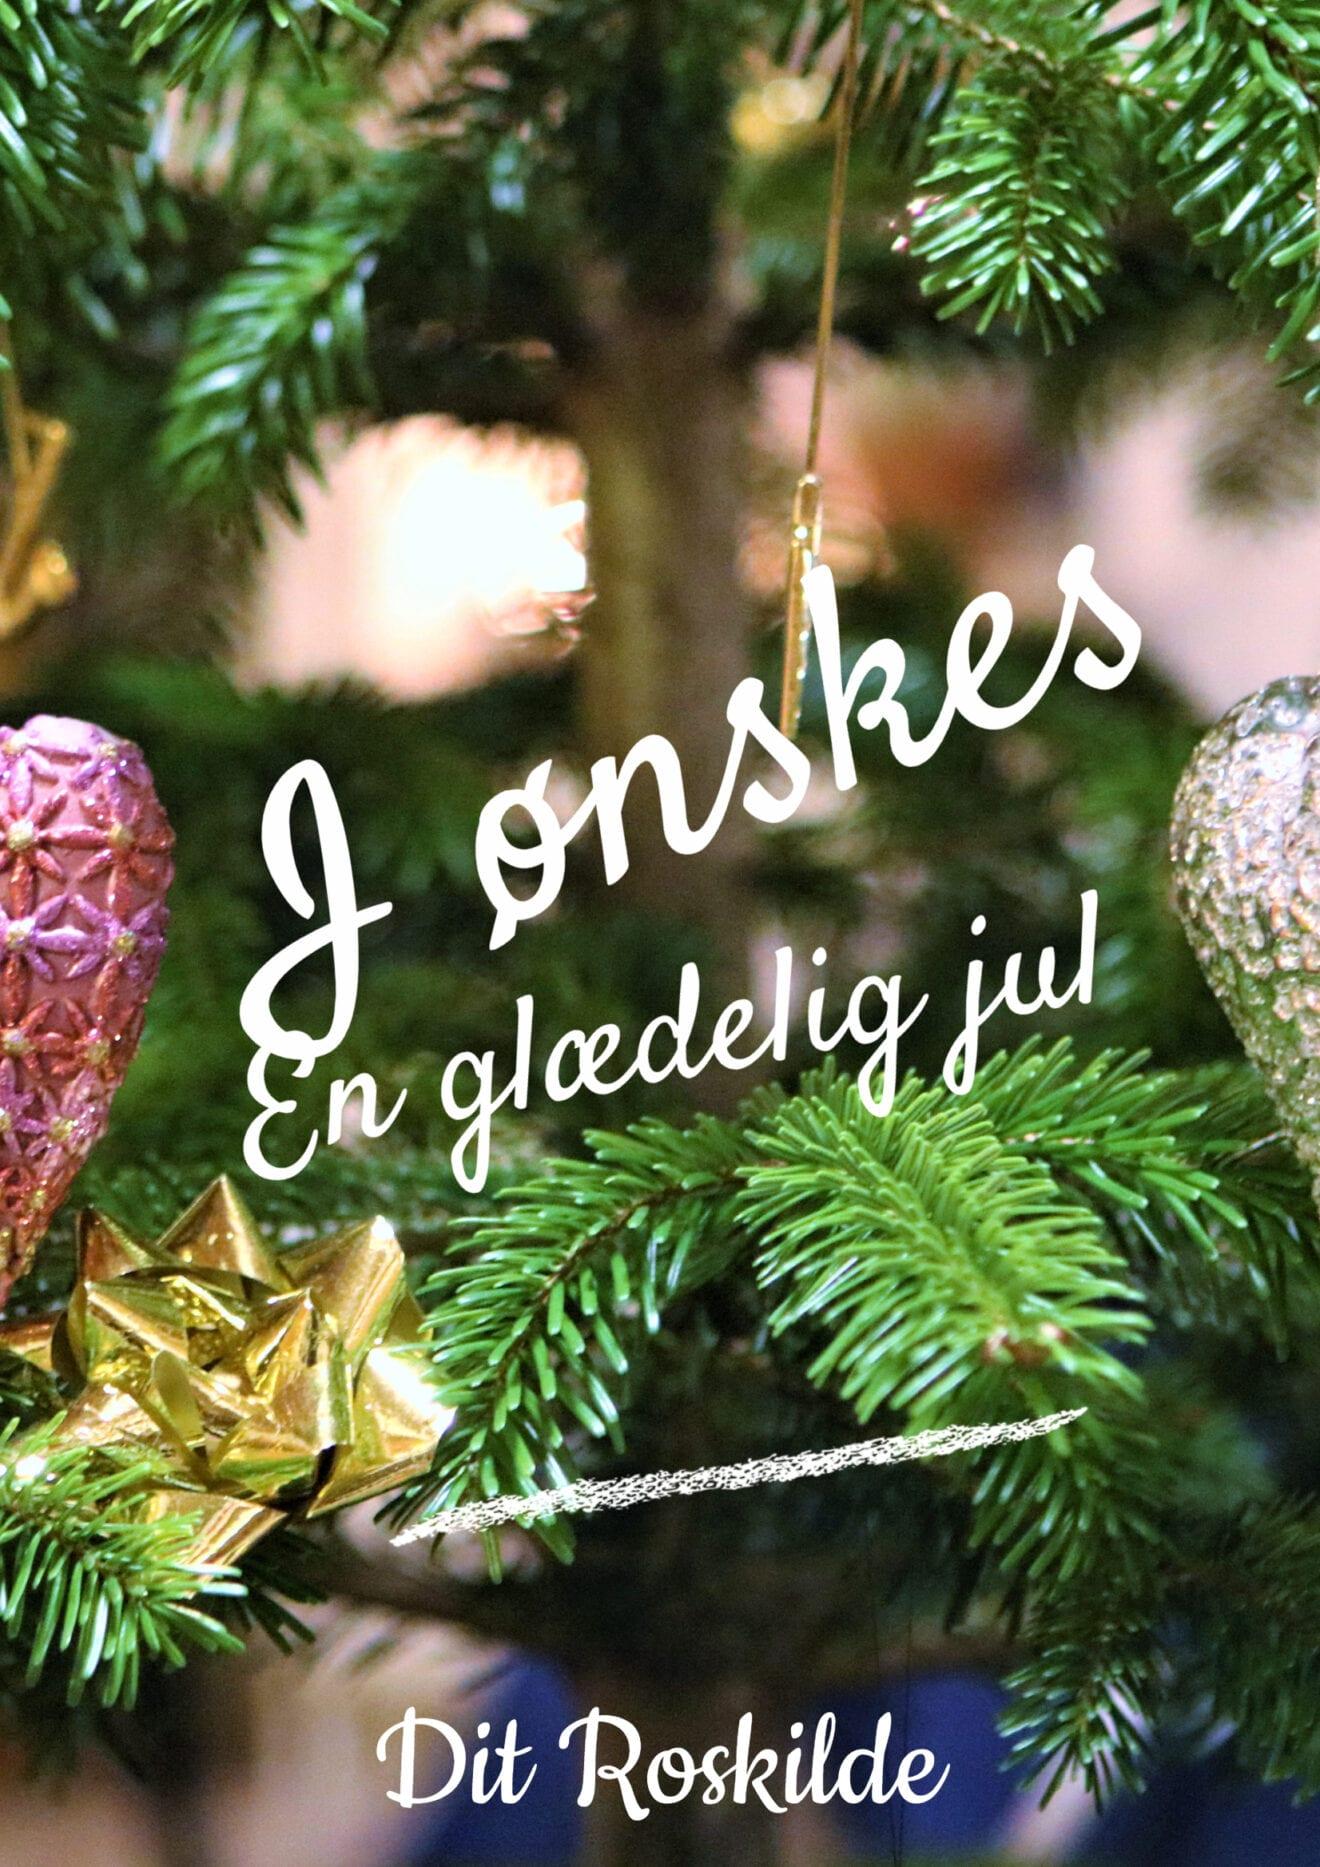 Dit Roskilde ønsker alle en glædelig jul